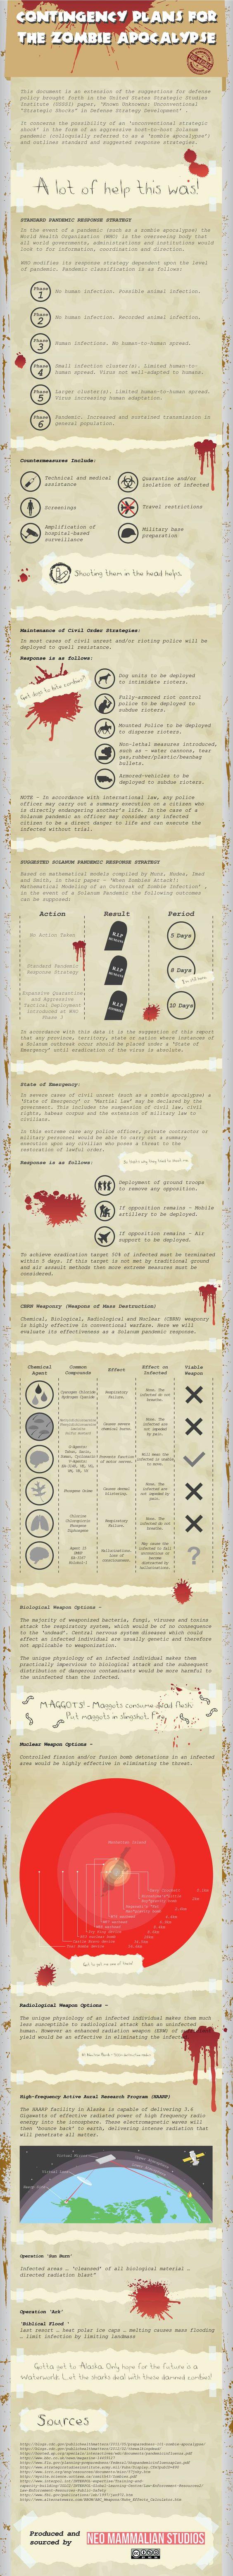 Zombie Apocalypse Infographic